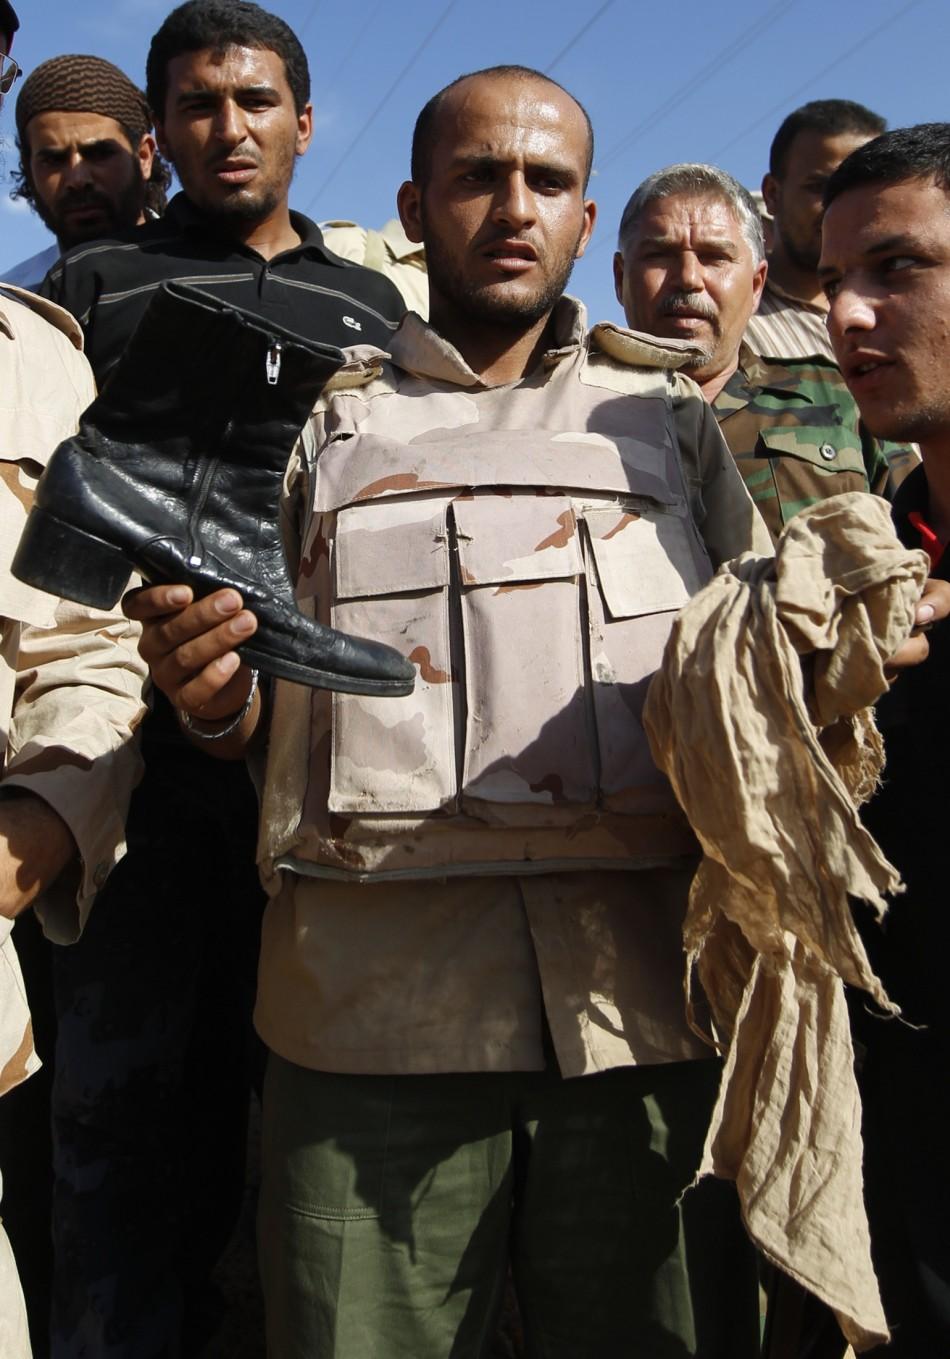 Anti-Gaddafi fighter shows the media clothes of Muammar Gaddafi near Sirte